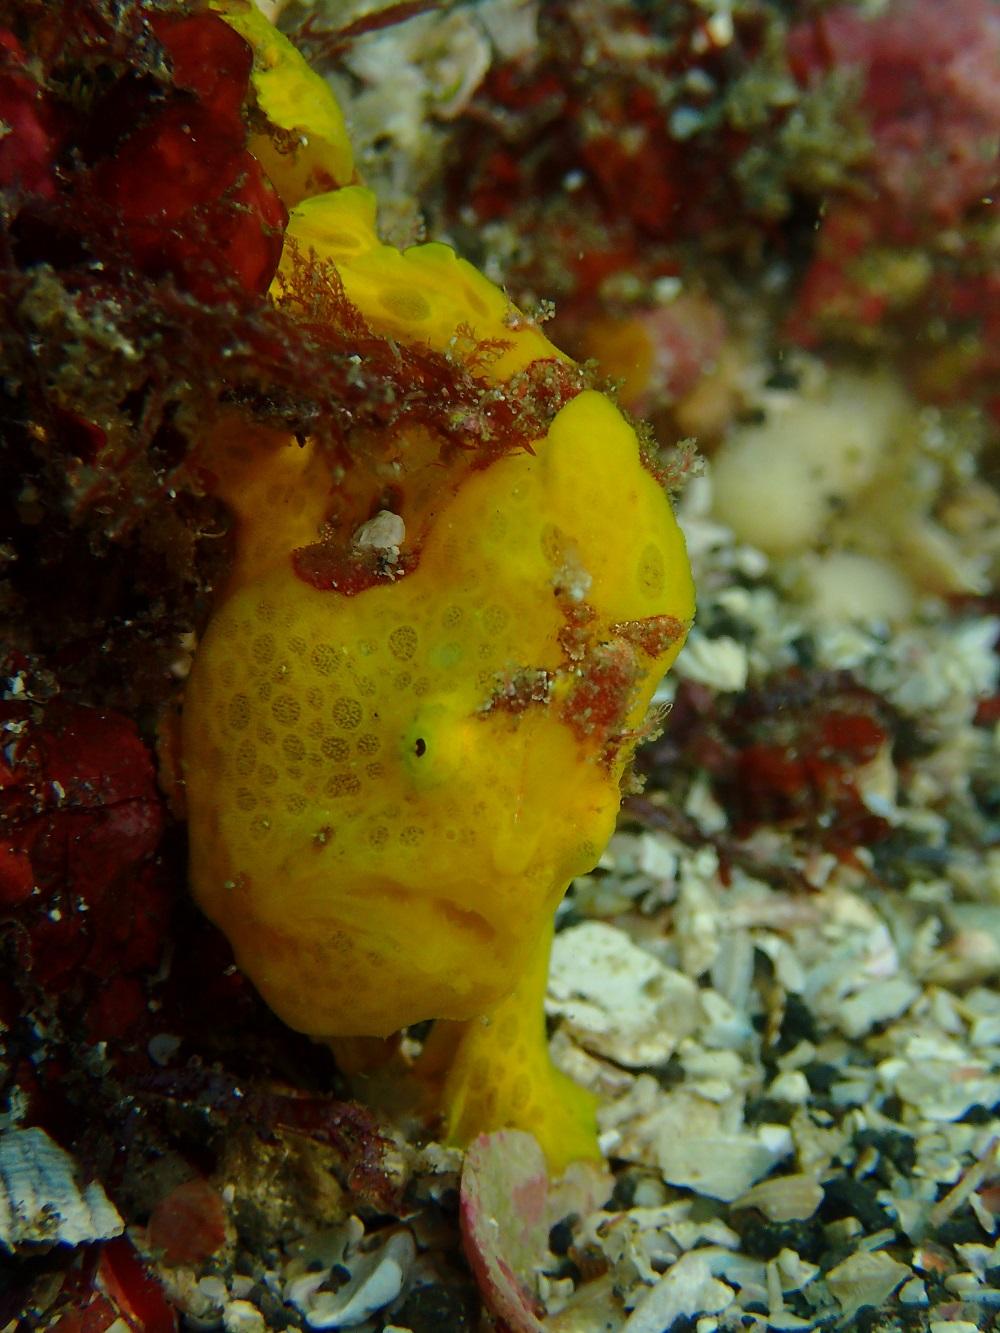 秋から初冬のシーズンアイドル、イロカエルアンコウ幼魚